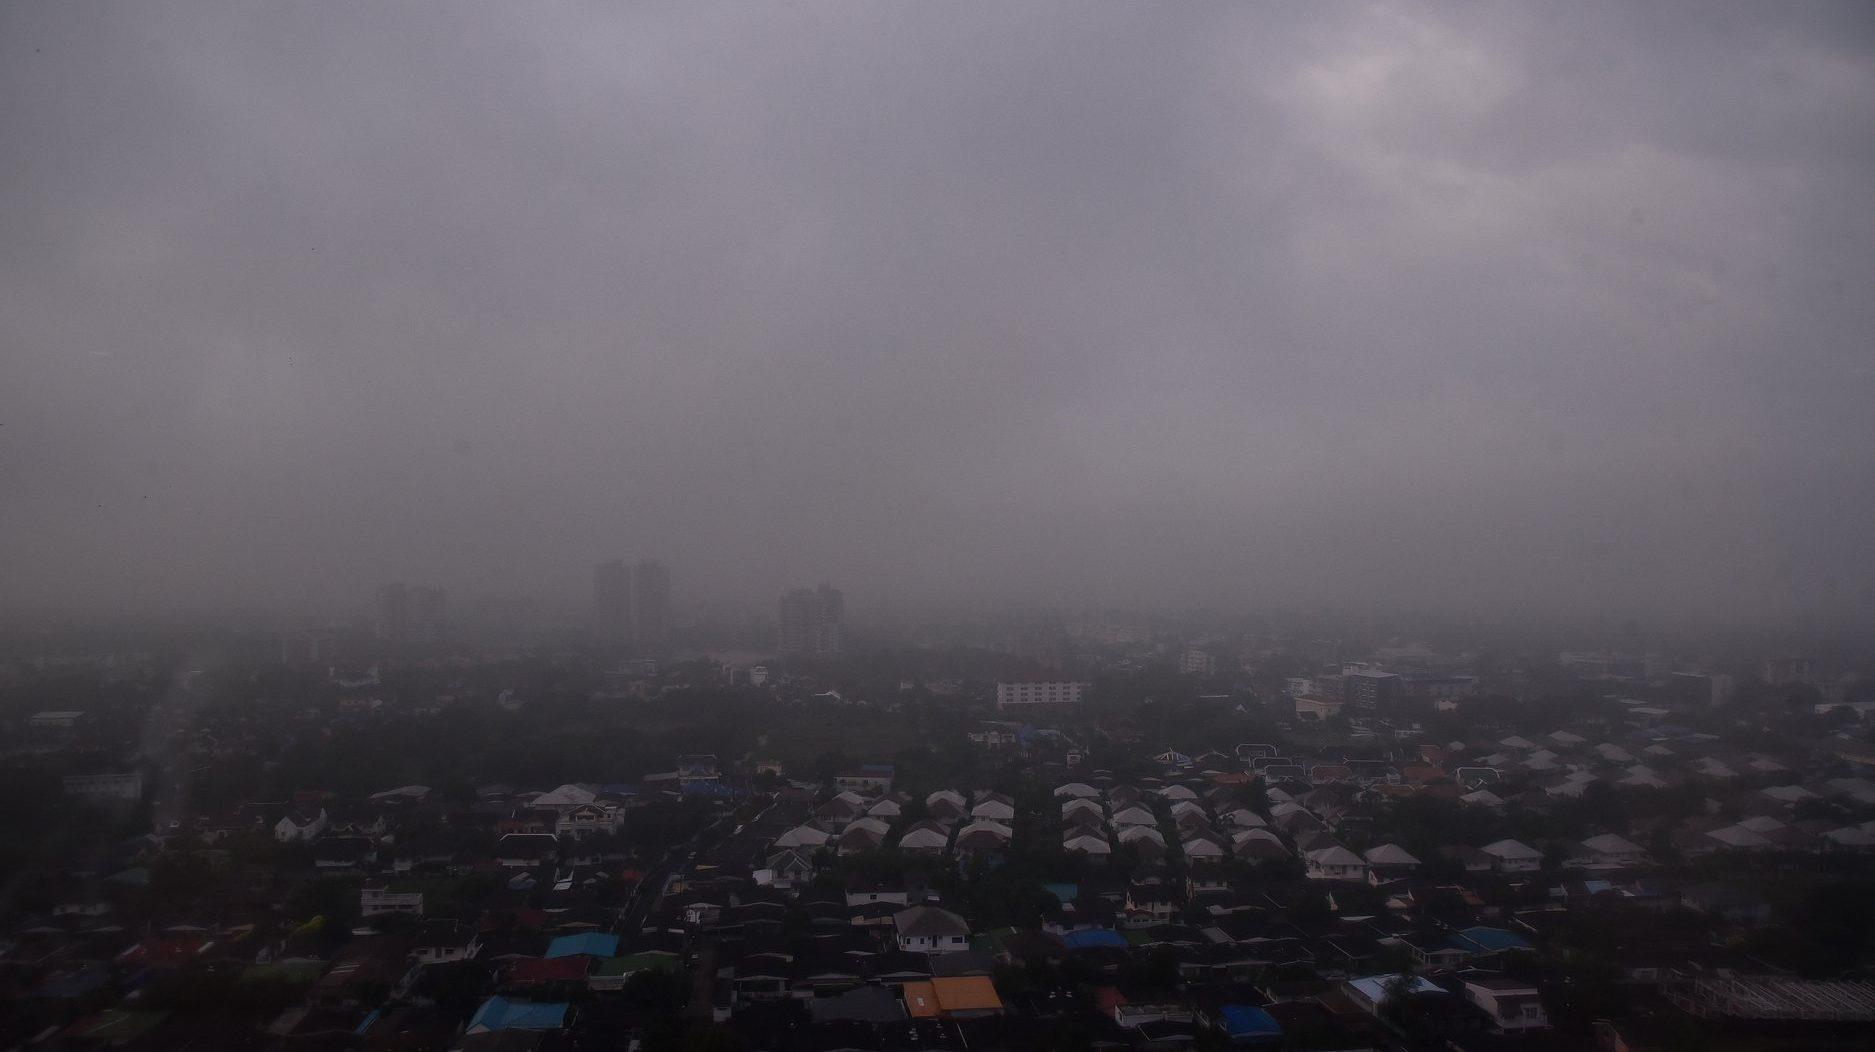 ค่าฝุ่น PM 2.5 ฝุ่น ฝุ่น PM 2.5